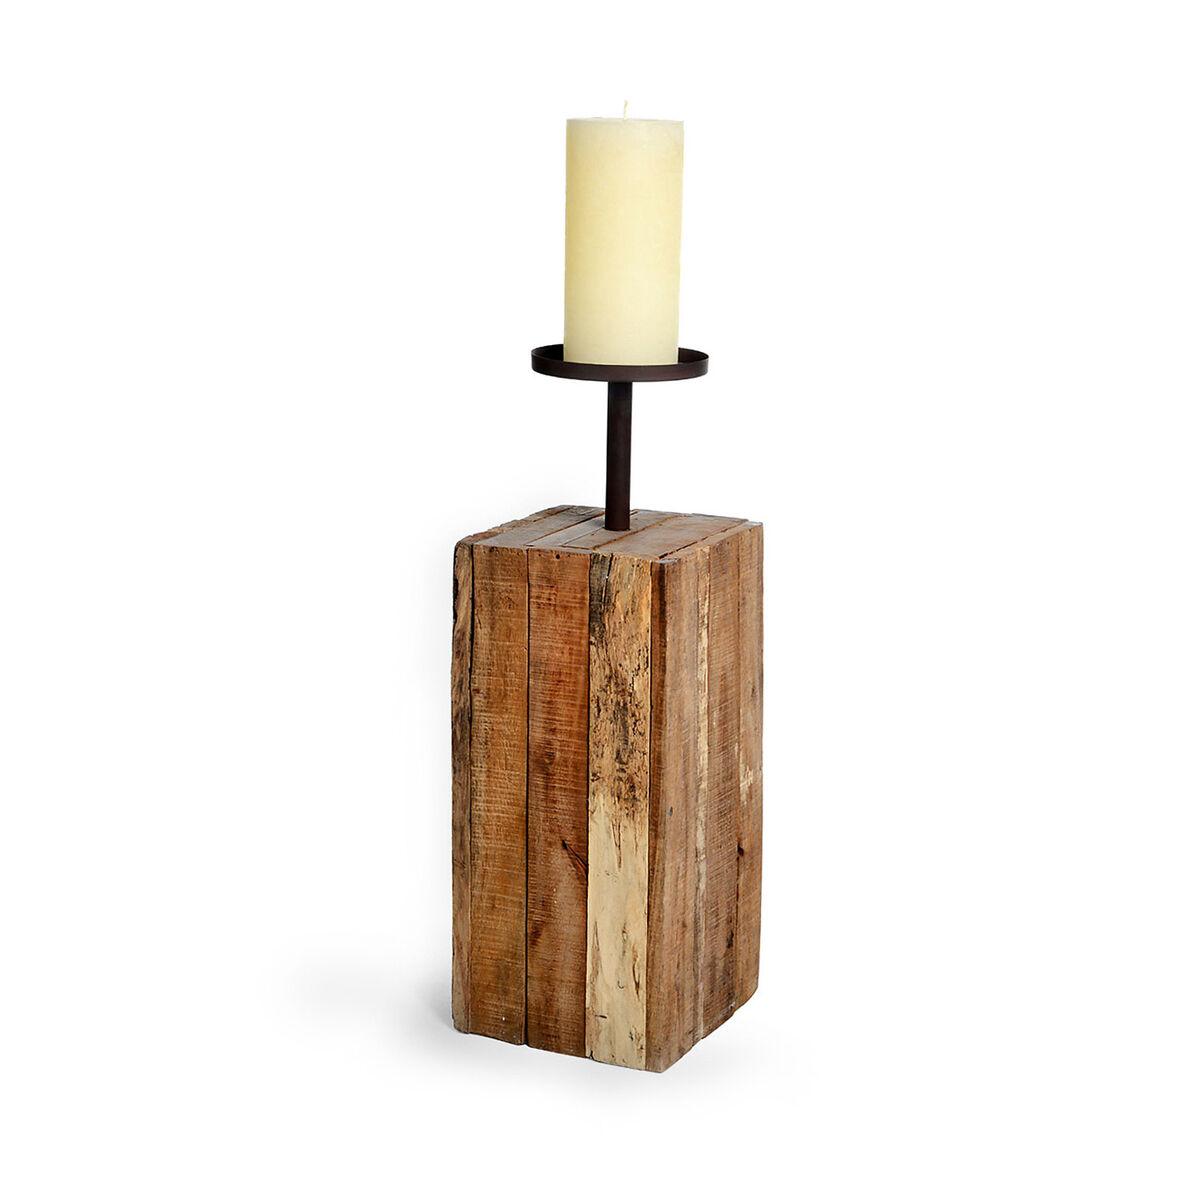 kerzenhalter ca l 25 x b 25 x h 60cm natur depot de. Black Bedroom Furniture Sets. Home Design Ideas